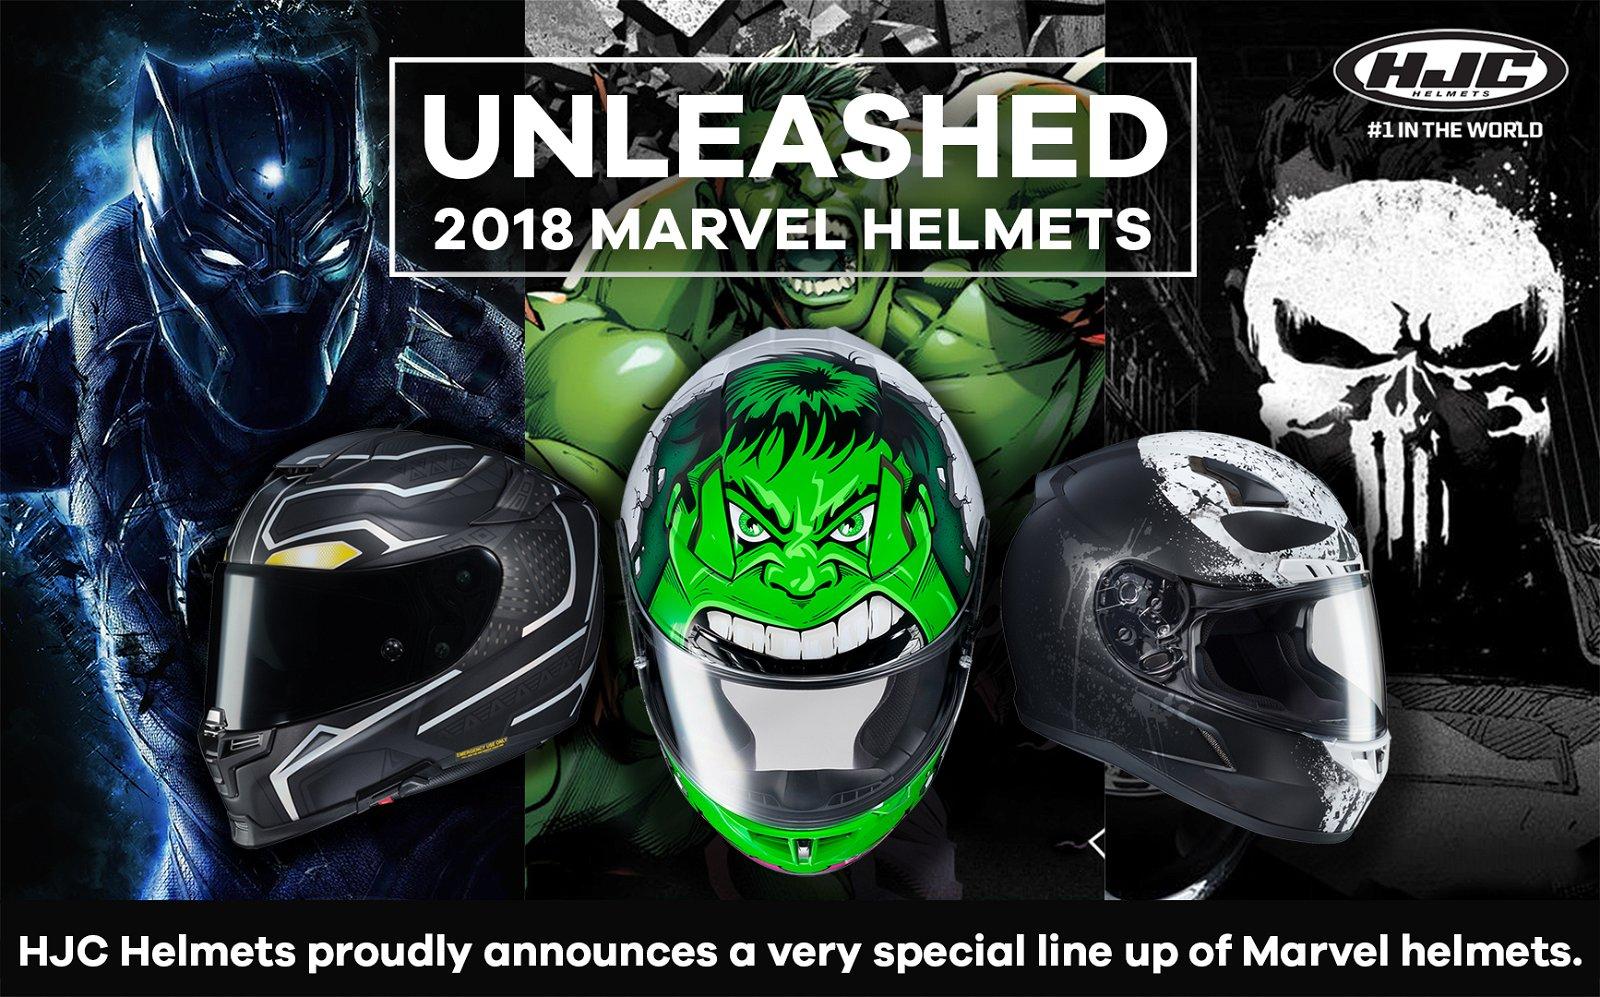 8b9eea686 Motorhelmets  HJC x Marvel 2018 Helmets Unleashed